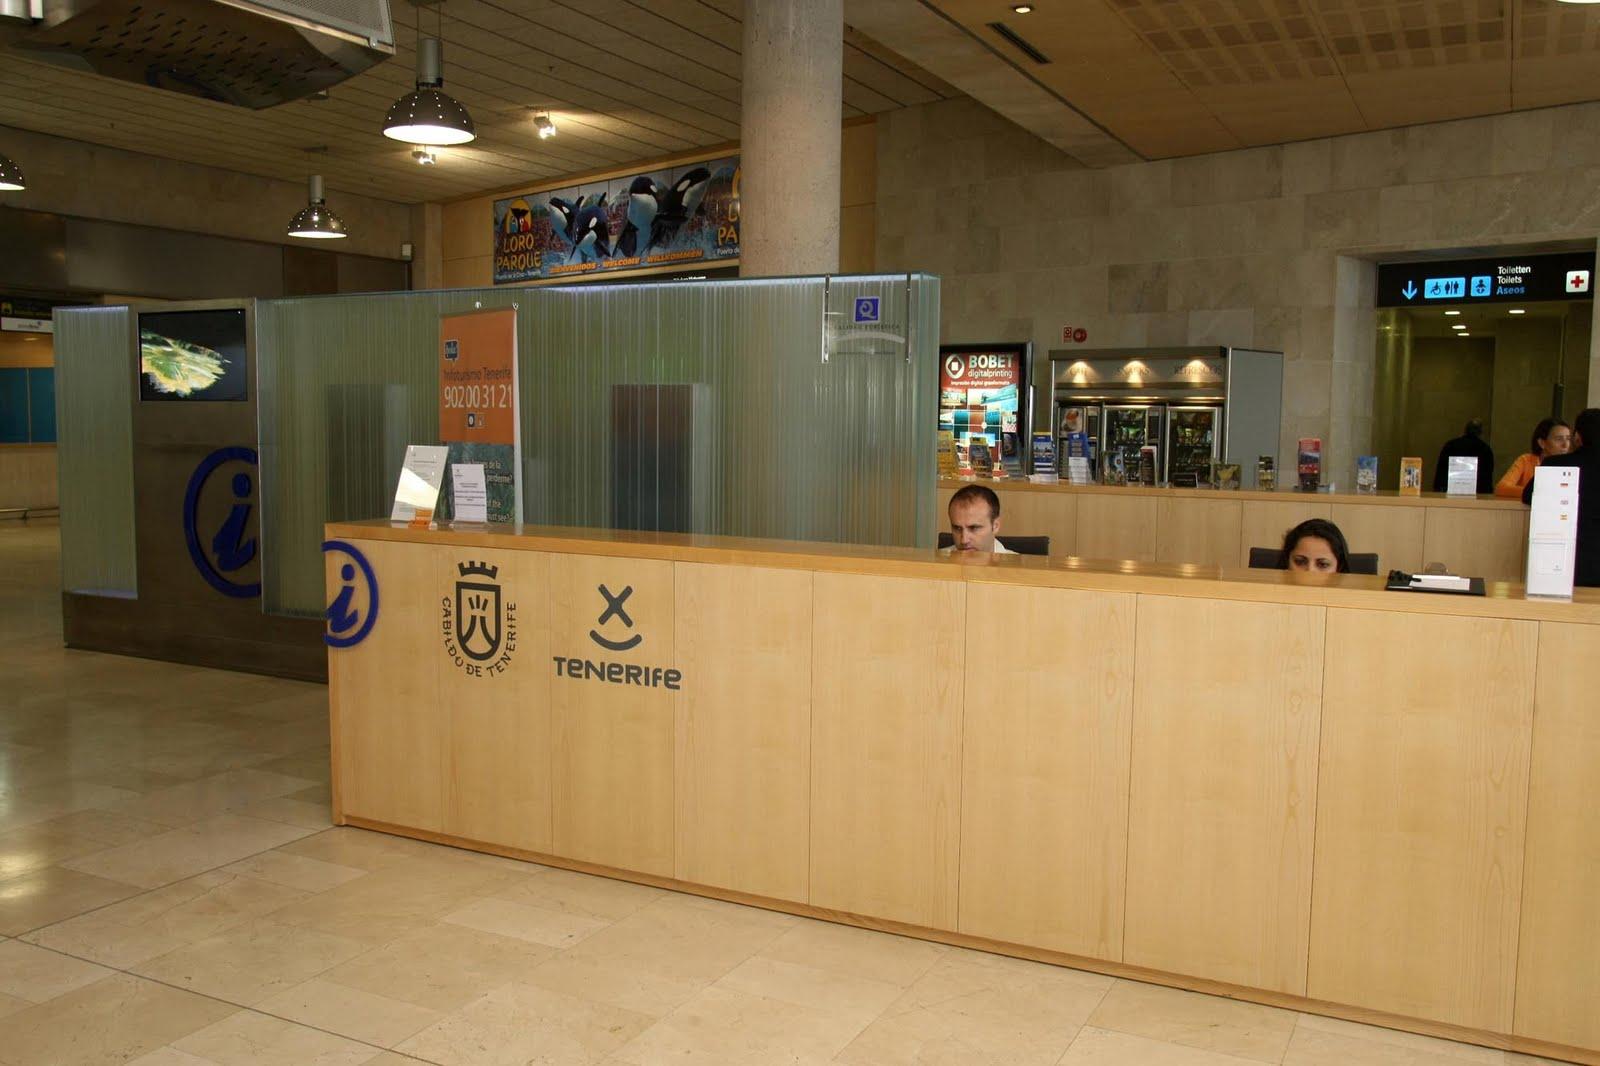 La oficina de informaci n tur stica del aeropuerto for Oficina de turismo de tenerife